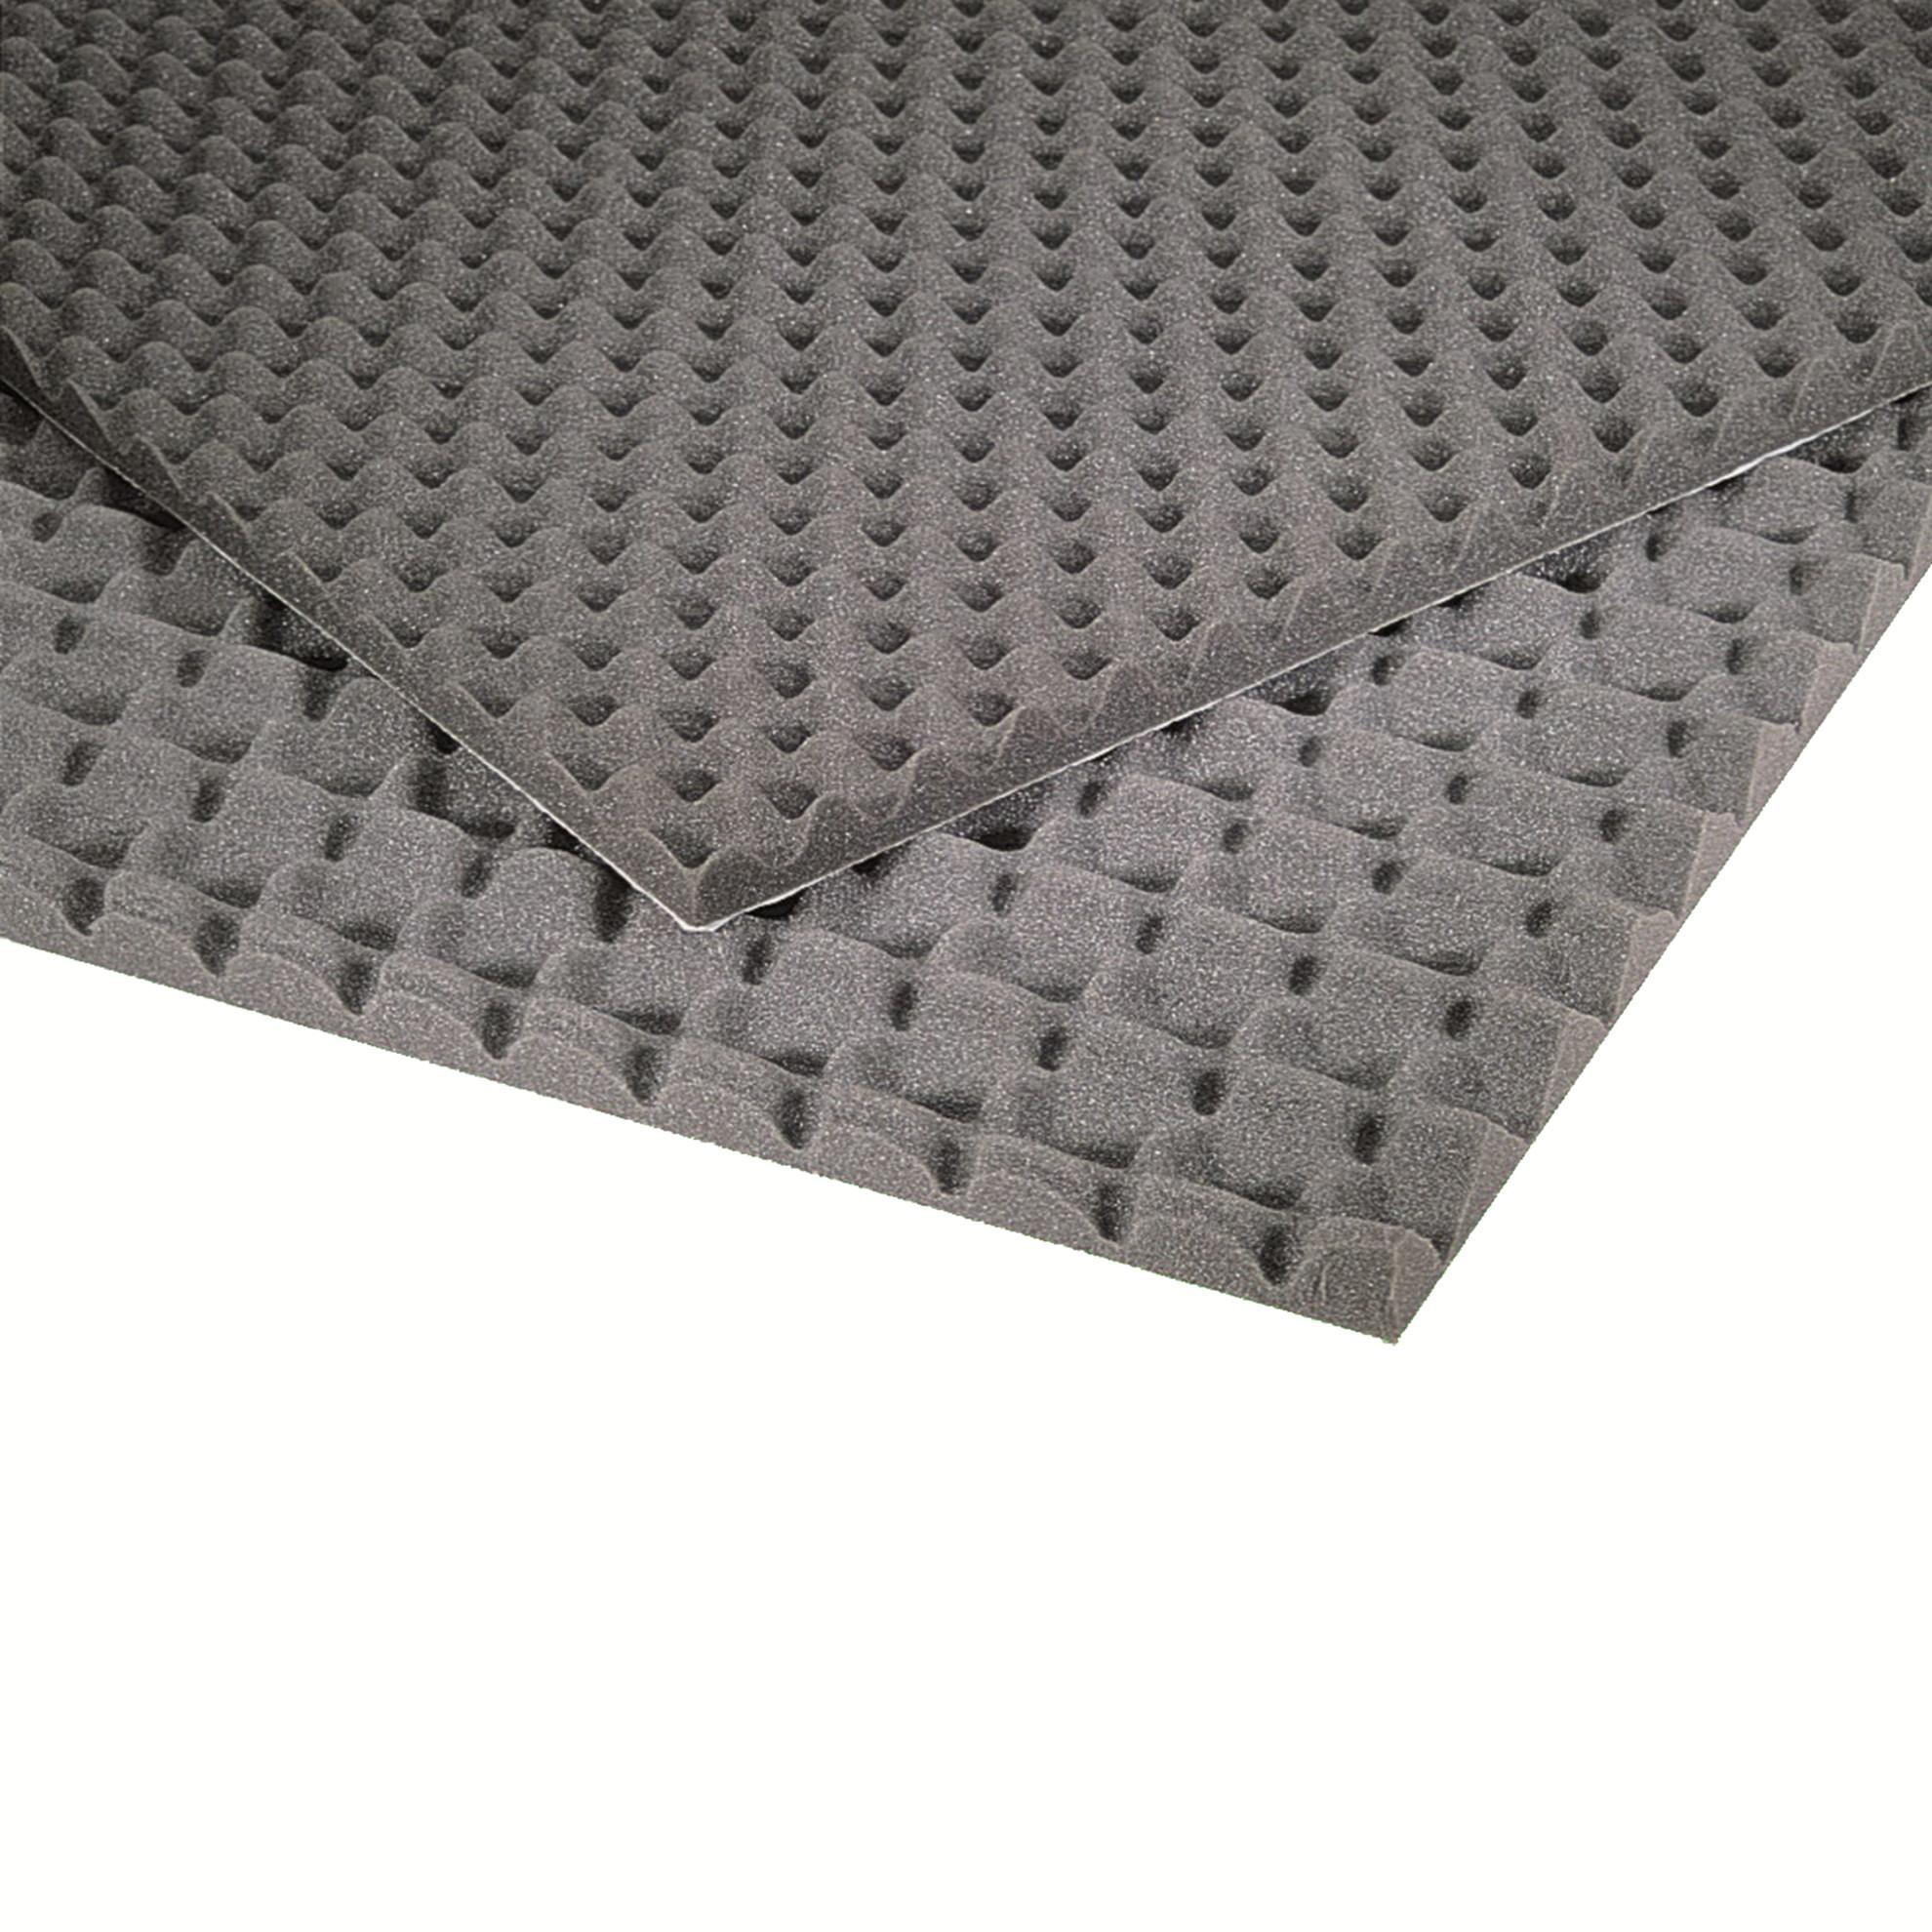 pannello fonoassorbente bugnato 1000x1000 mm spessore 30